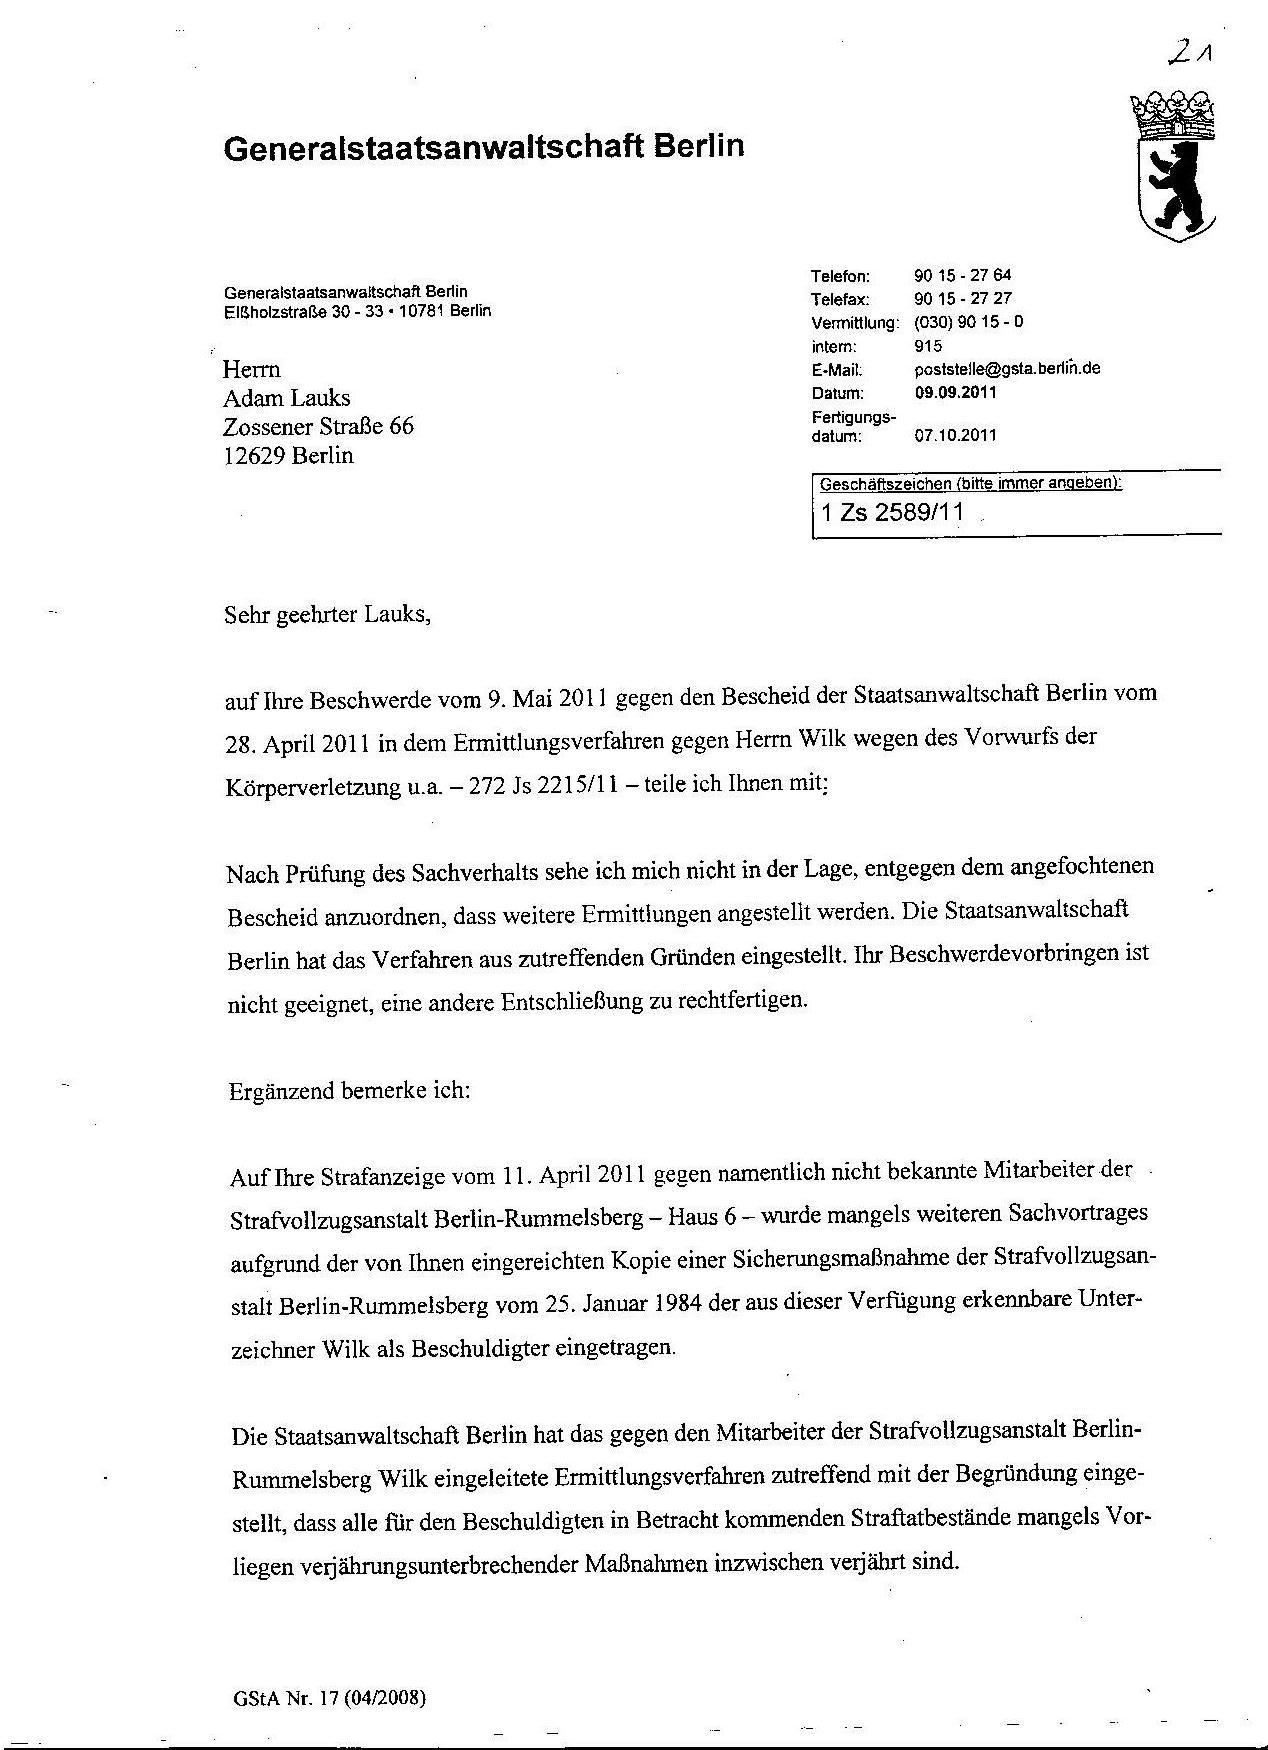 Ermittlungsverfahren auf Strafantrag wg. Folter 272 Js 2215 -11 027